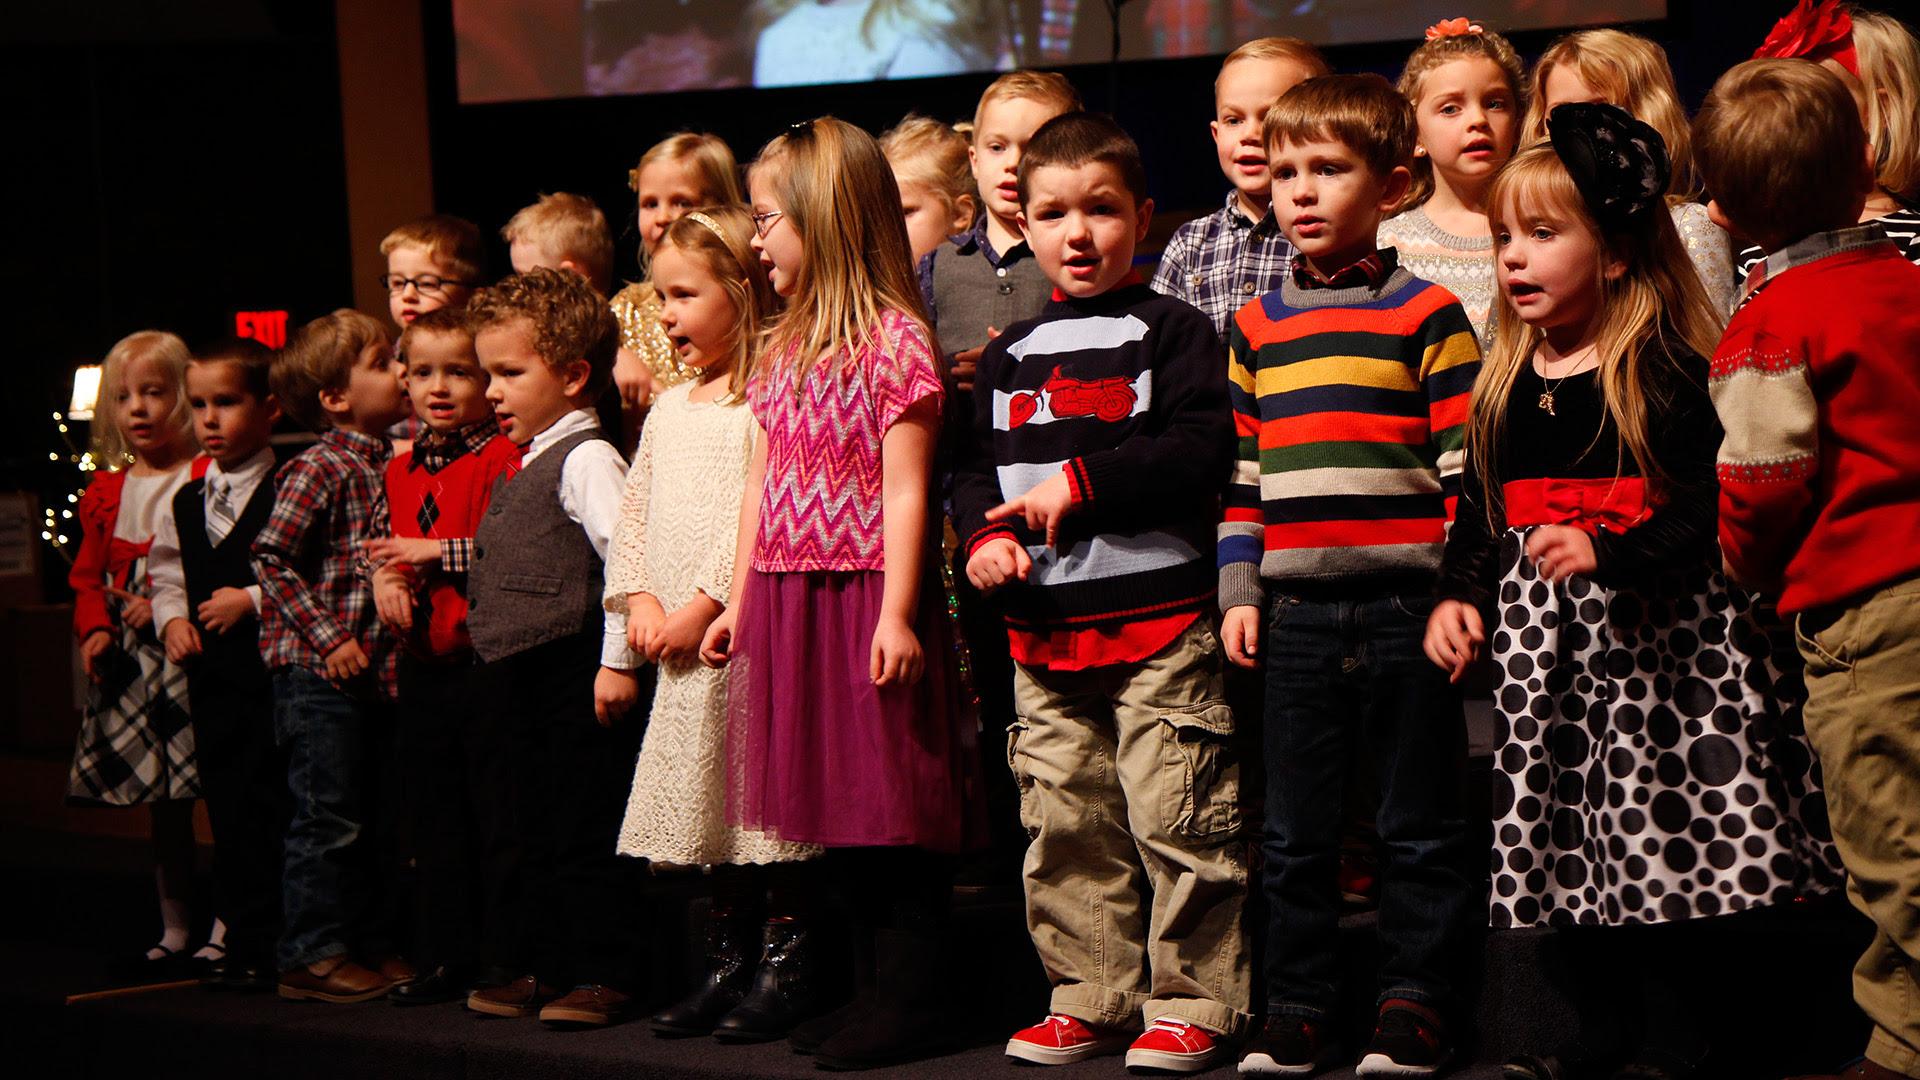 Image result for Christmas program kids